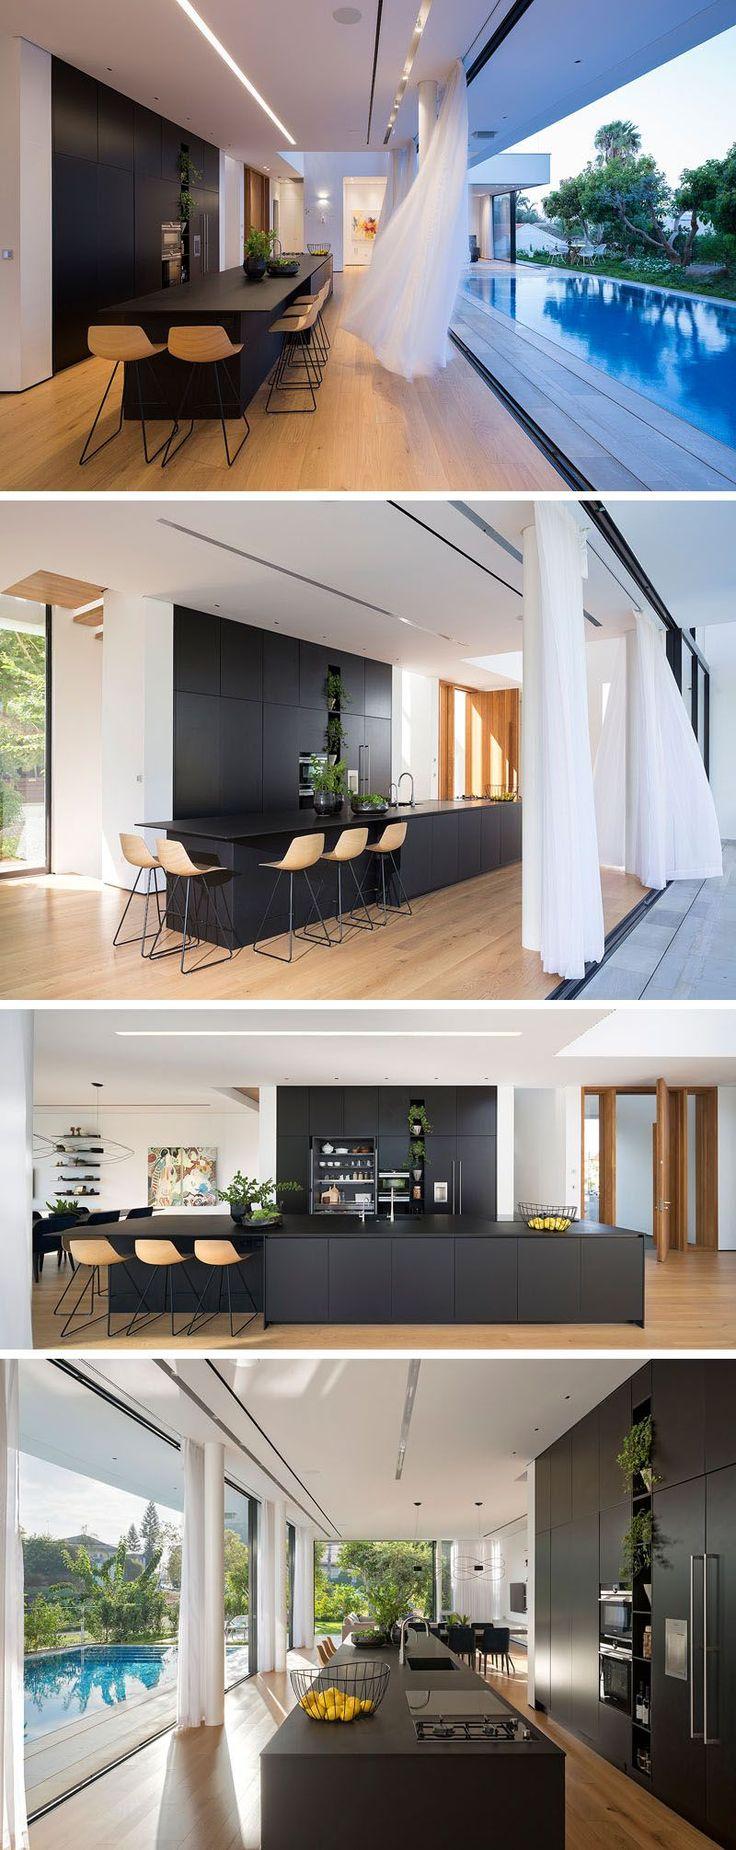 Sala de estar cozinha e uma suíte se fundem à piscina por um moderno sistema